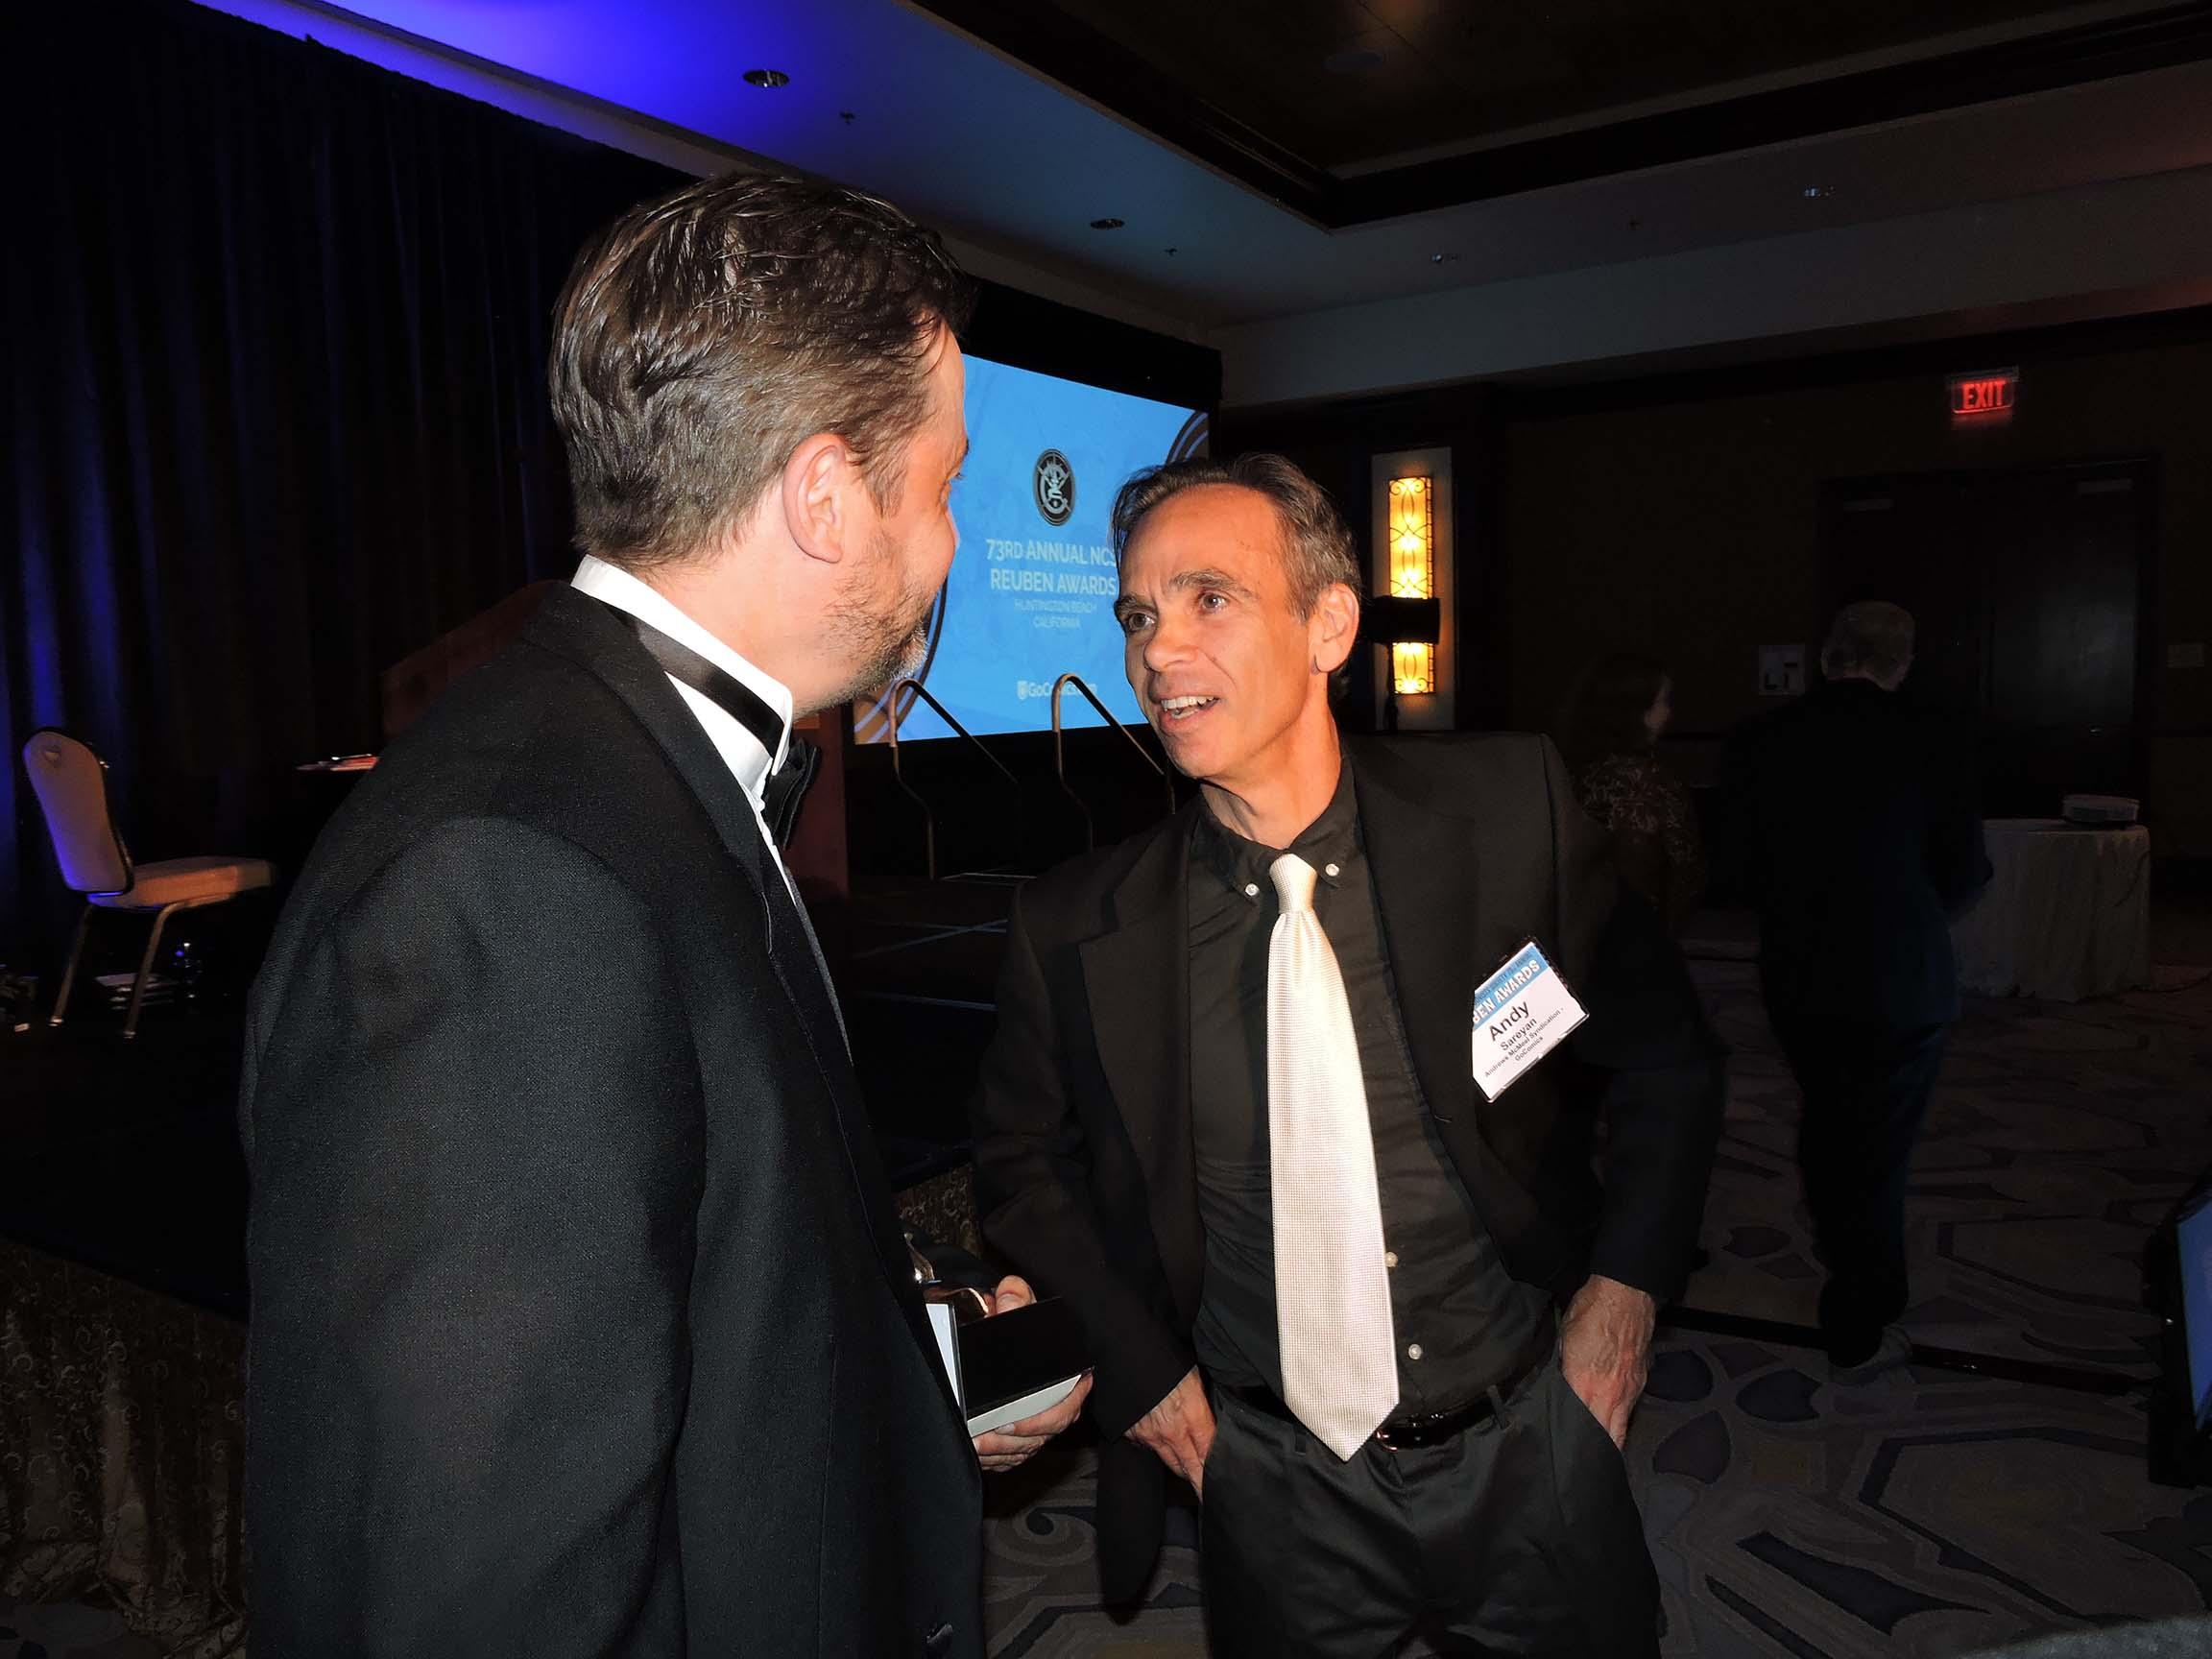 Stephan Pastis (left) and Andy Sareyan